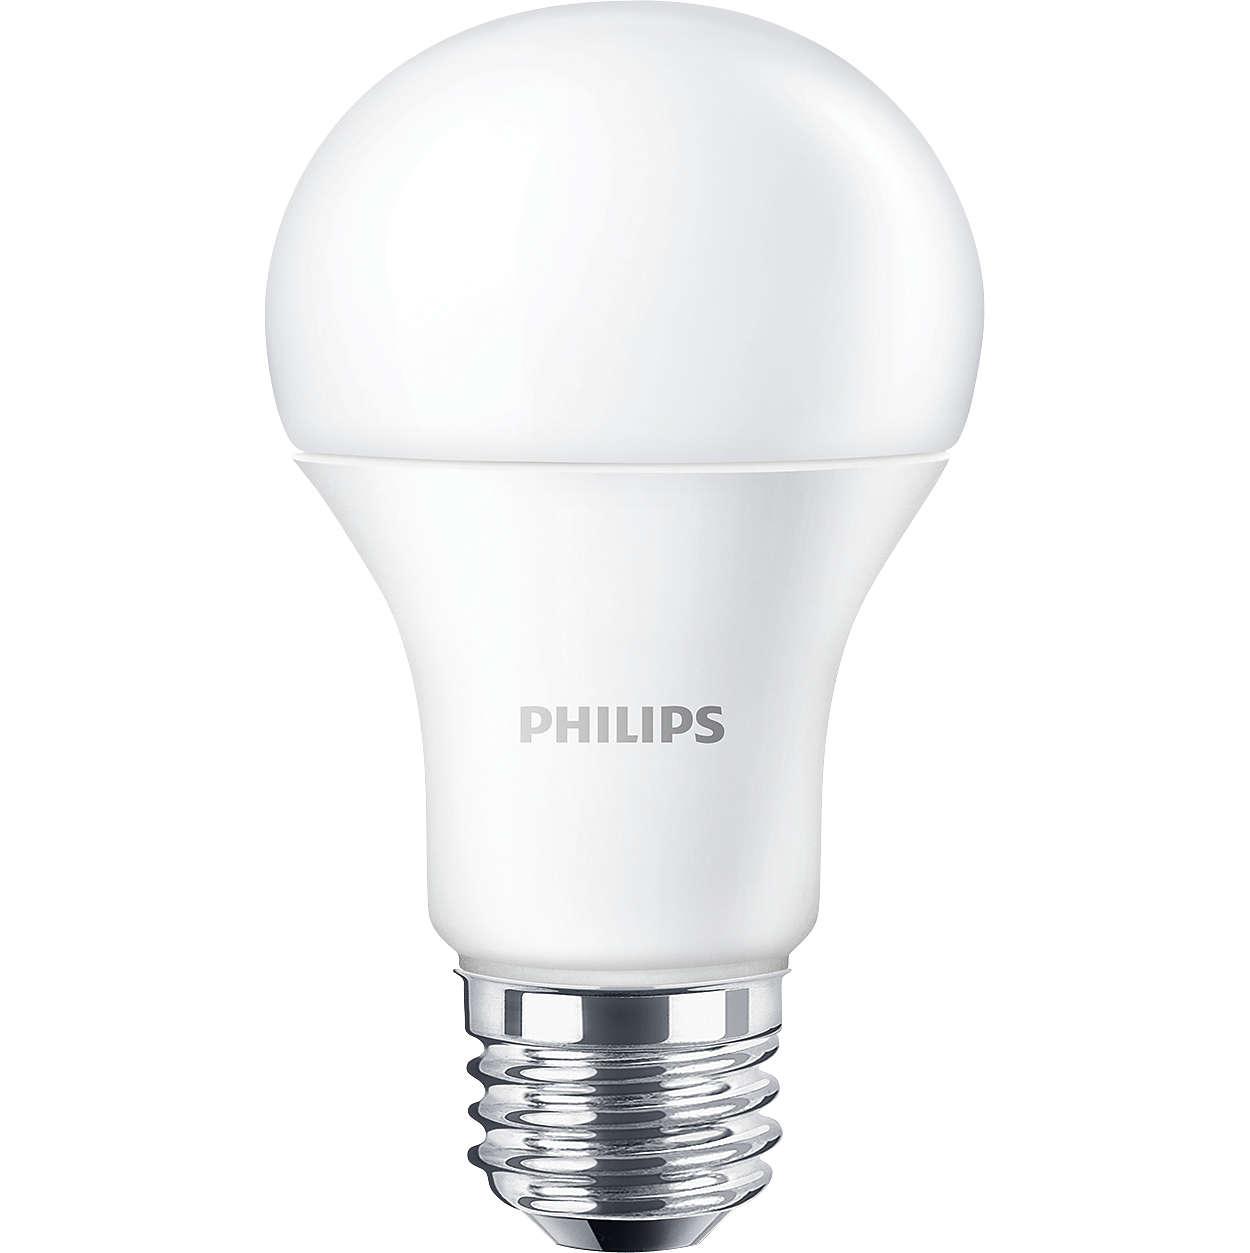 CorePro LED lambalar genel aydınlatma uygulamaları için idealdir. Sağladığı sıcak, halojen benzeri ışık ile LEDspot da, spot aydınlatması için ideal ve trafolarla geniş ölçüde uyumludur.